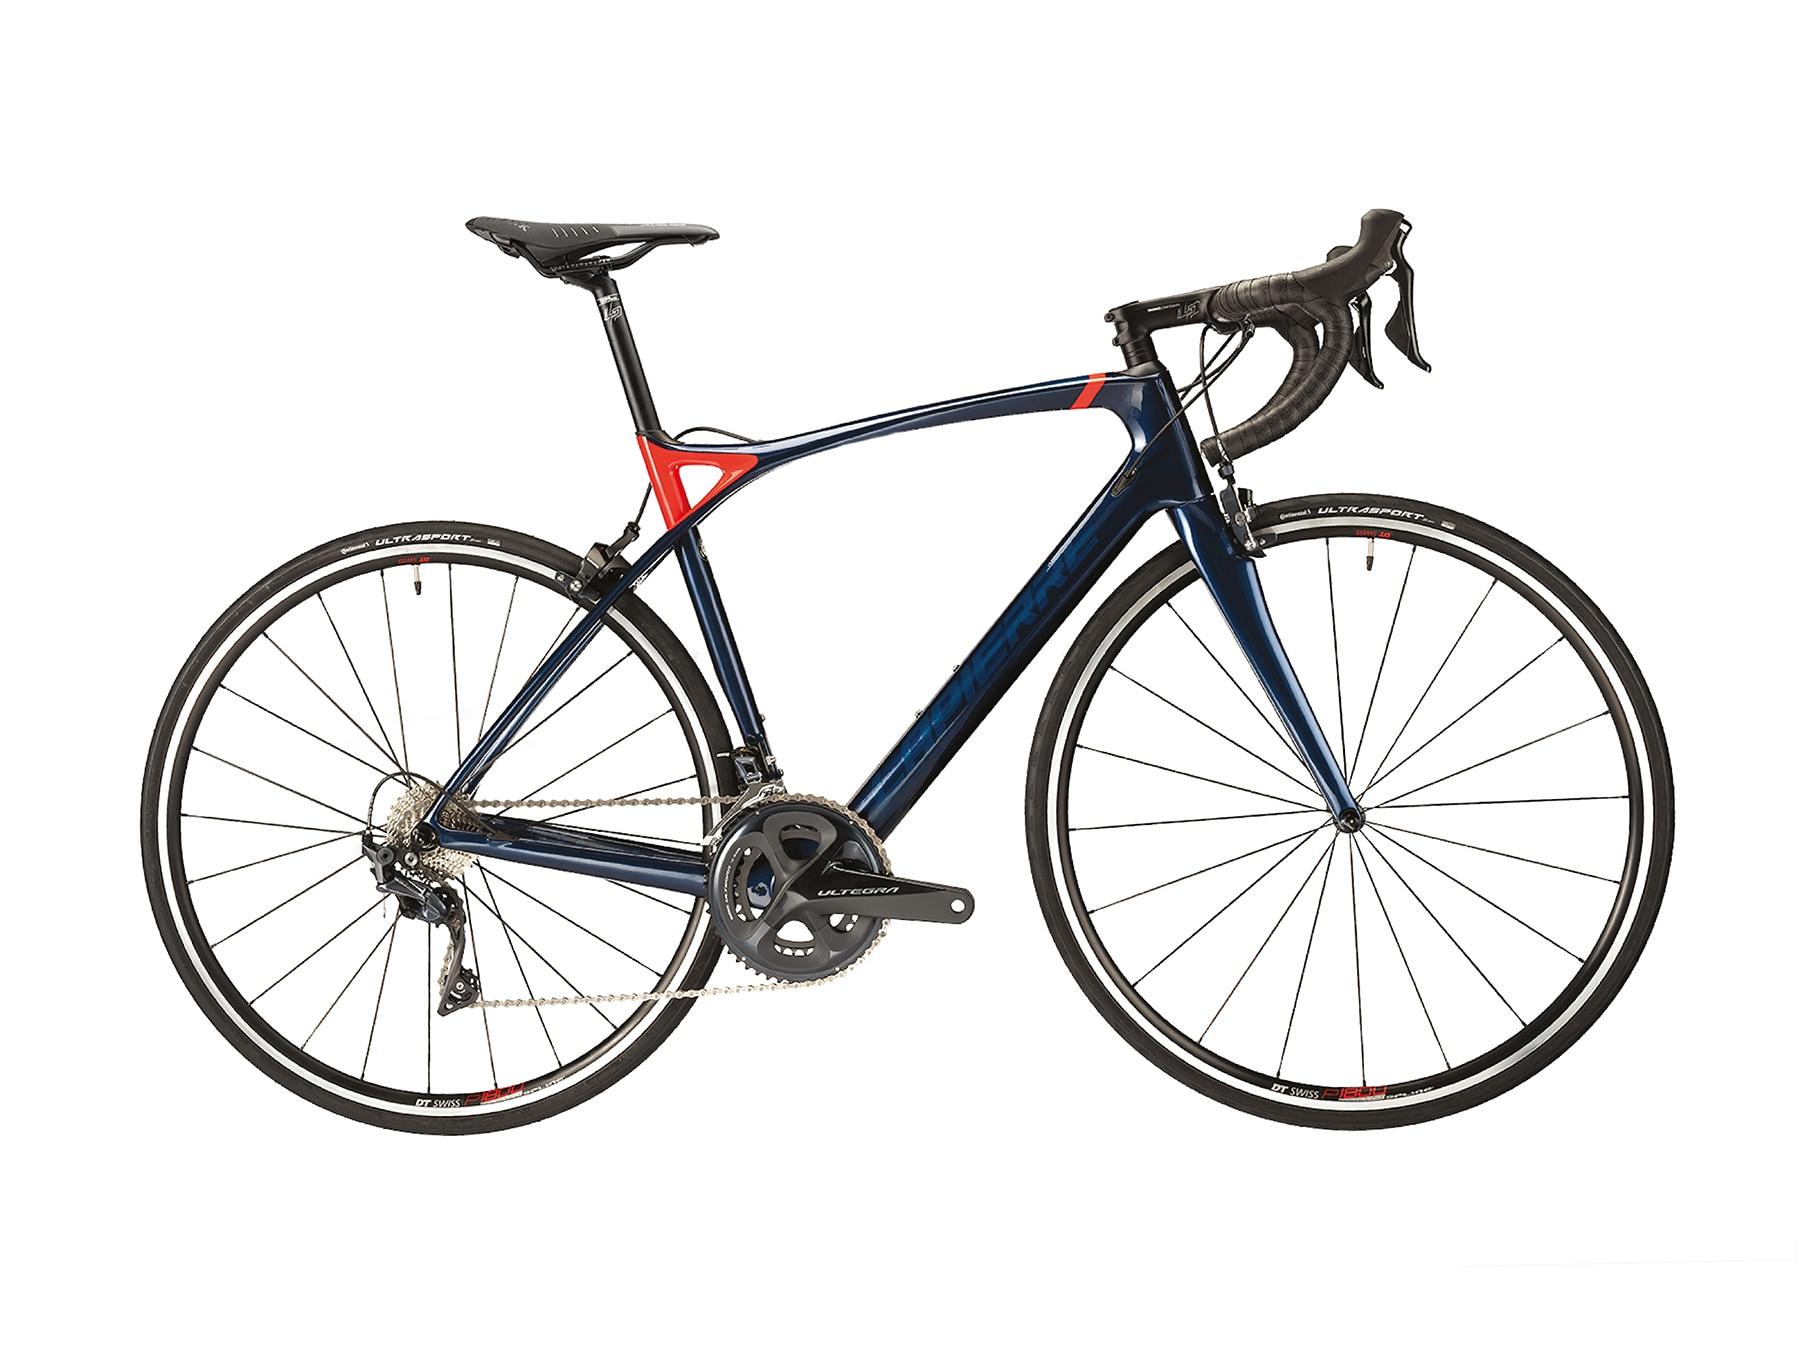 Шоссейный велосипед Lapierre Xelius SL 600 Disc ULTEGRA 11S Groupset